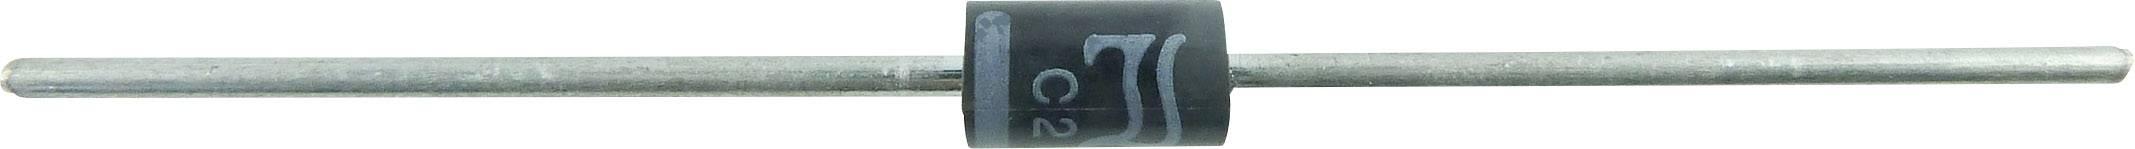 Kremíková usmerňovacia dióda Diotec 1N5404 1N5404 3 A, 400 V